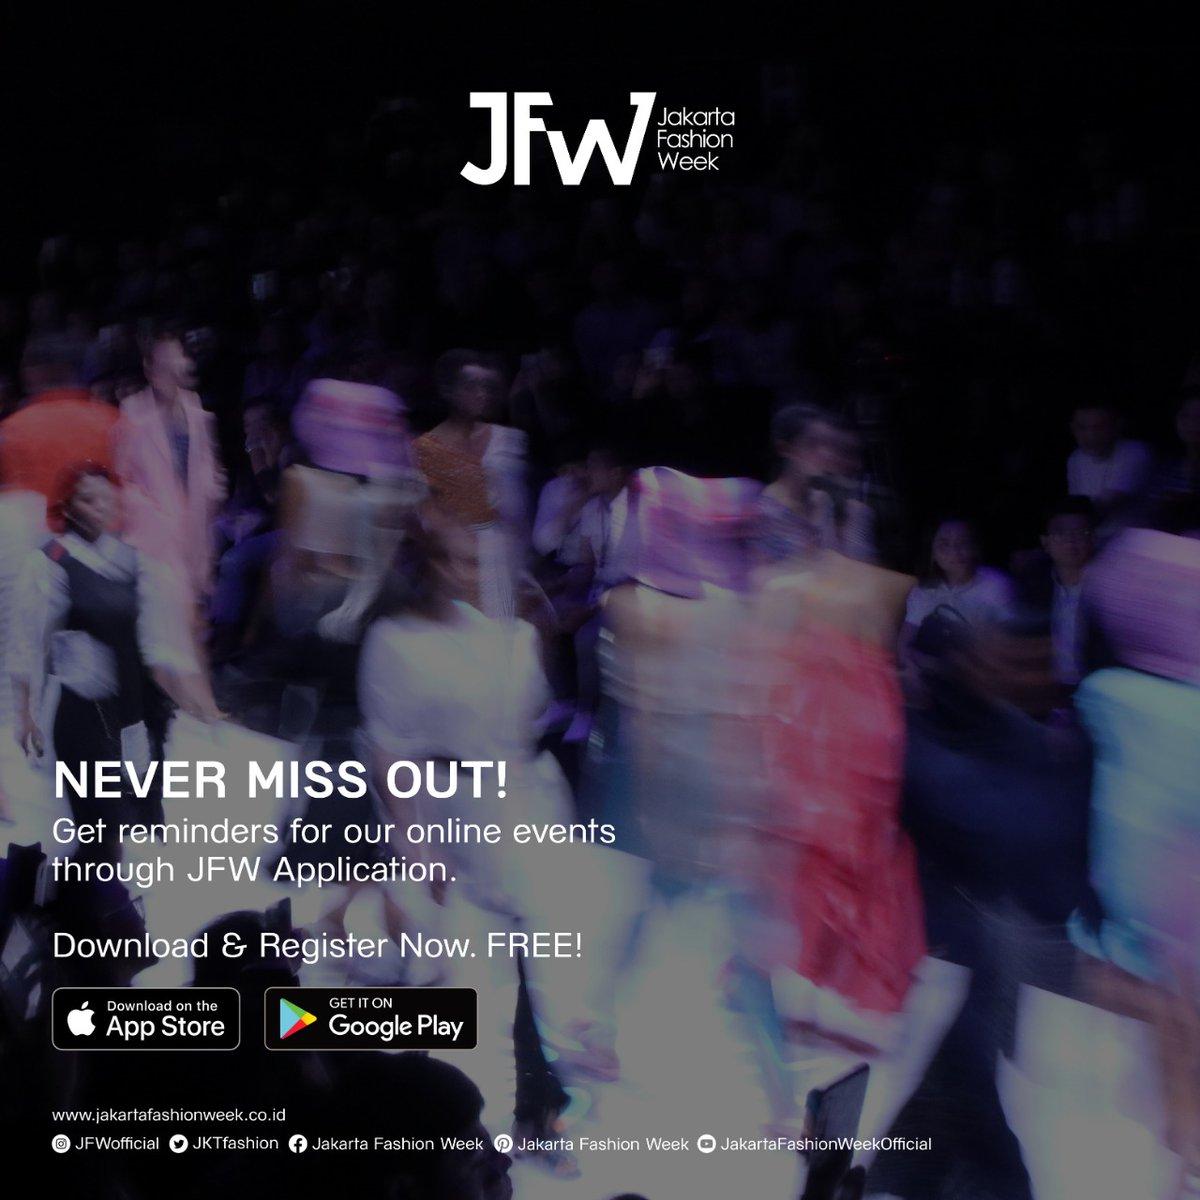 Jakarta Fashion Week JKTfashion